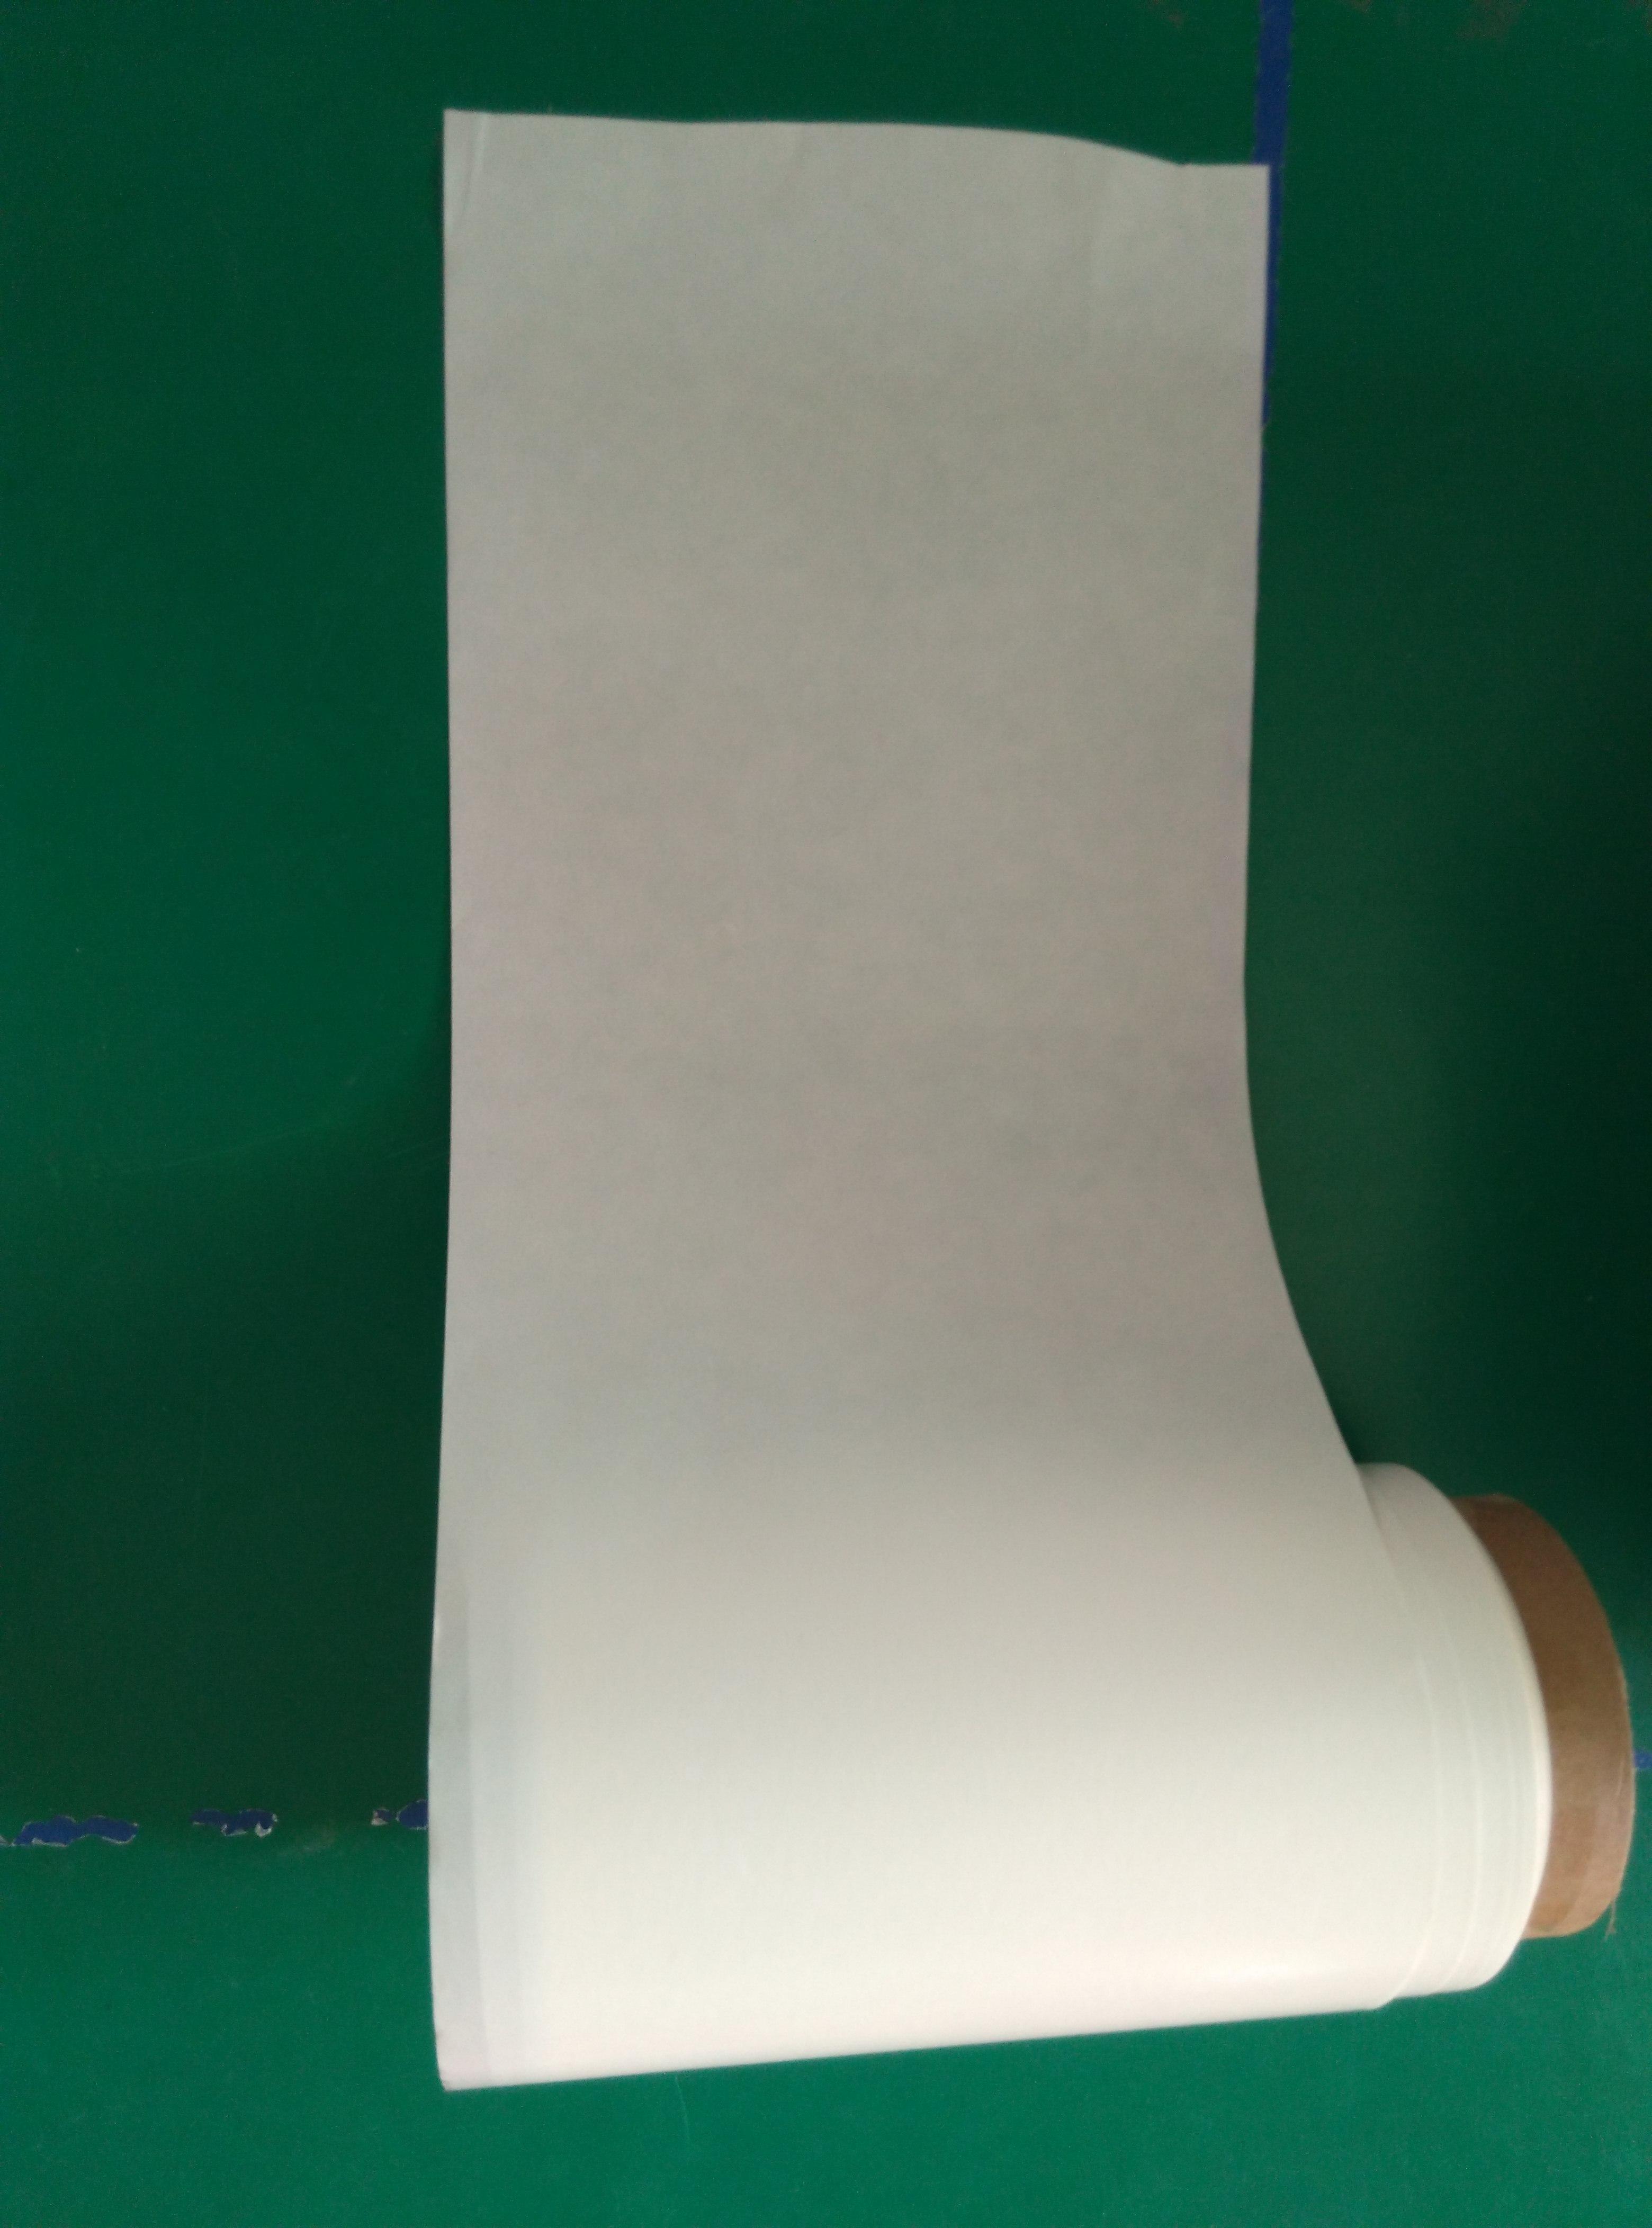 供应80g白格拉辛离型纸,不干胶底纸,标签底纸,全国包邮